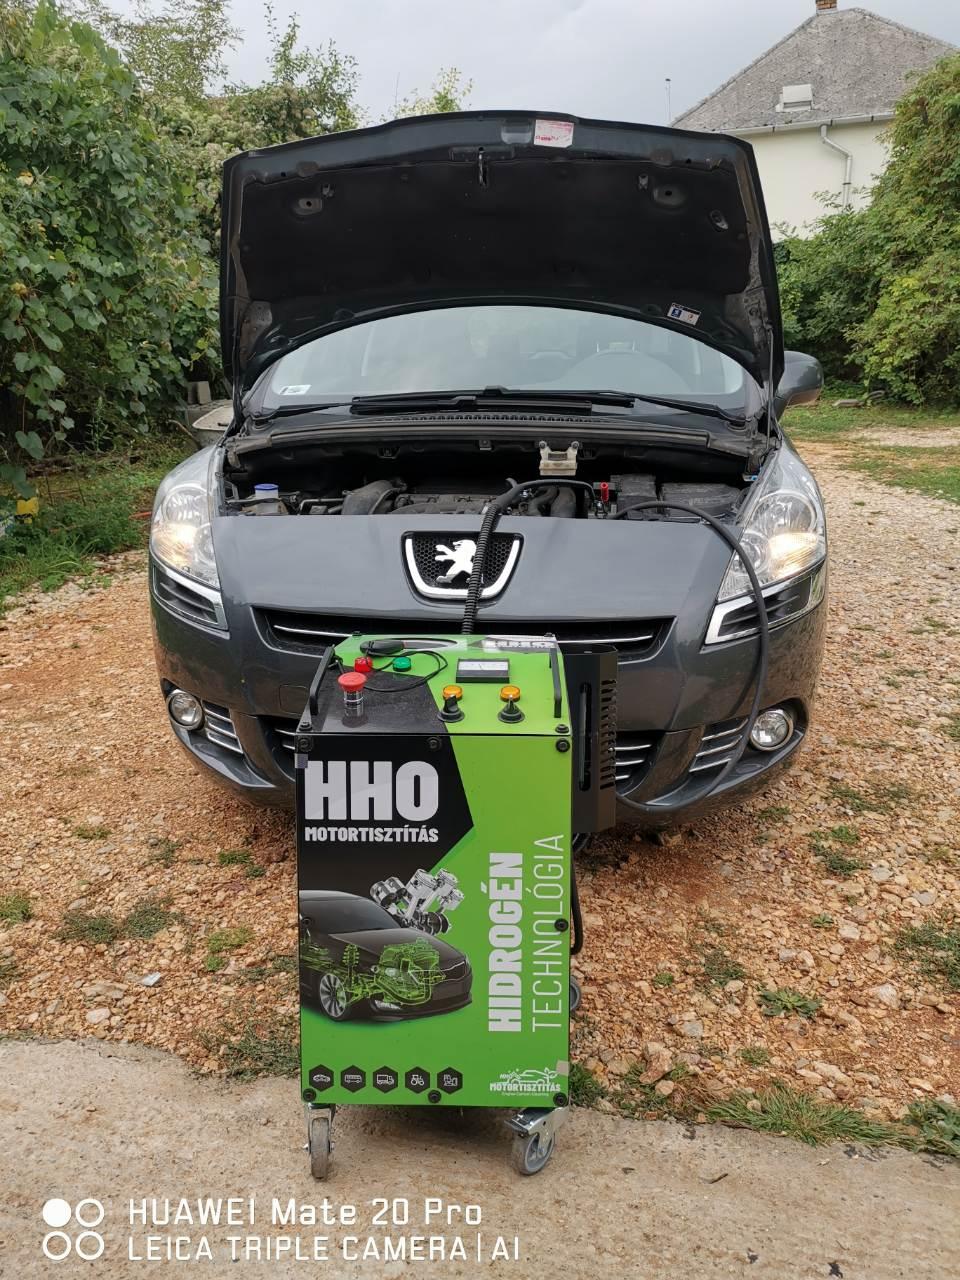 HHO Motortisztítás Peugeot 5008 1.6 Turbo Benzin 2010